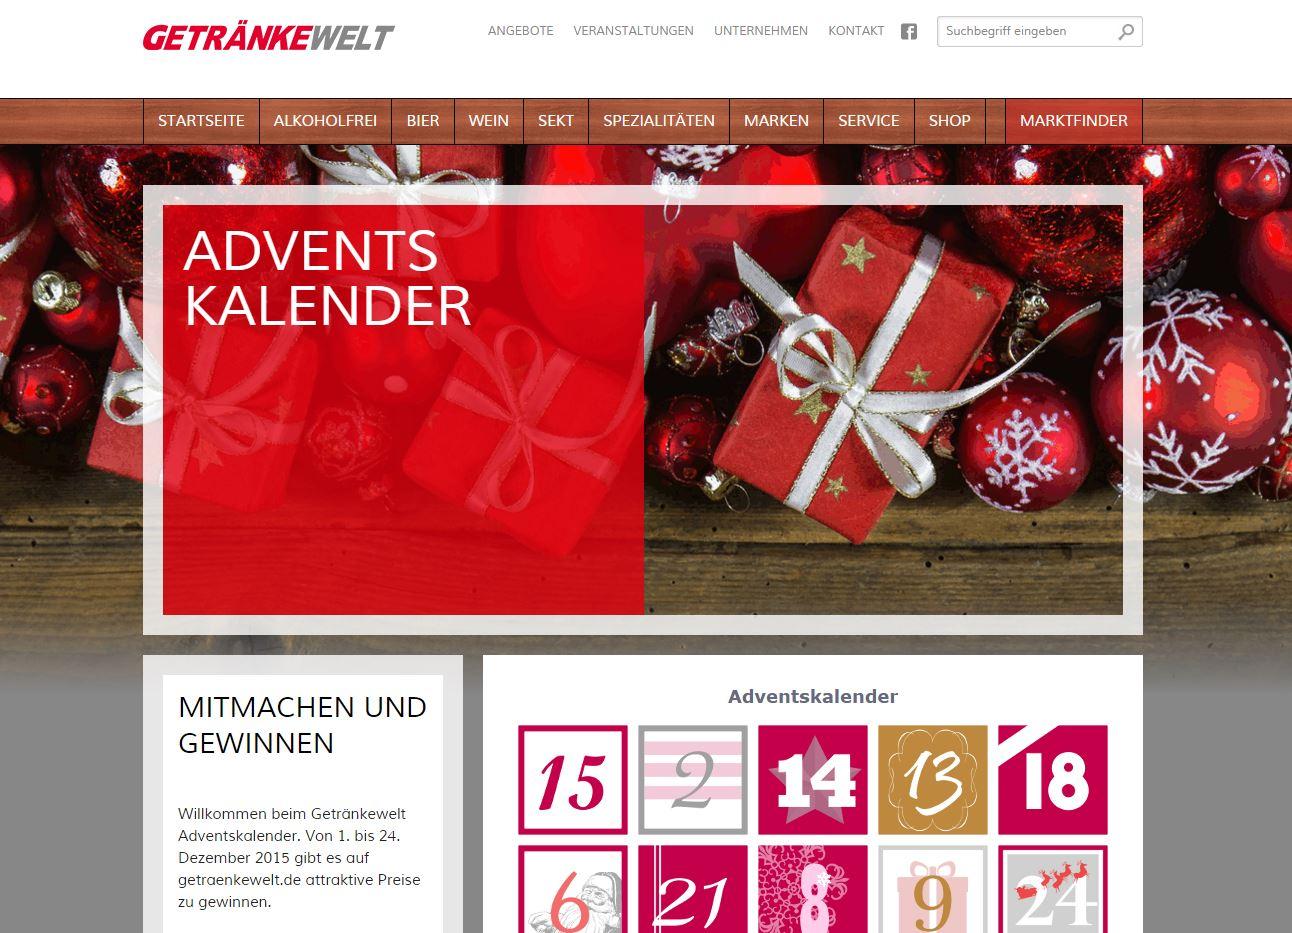 Getränkewelt Adventskalender Gewinnspiel - ichwilltesten.de